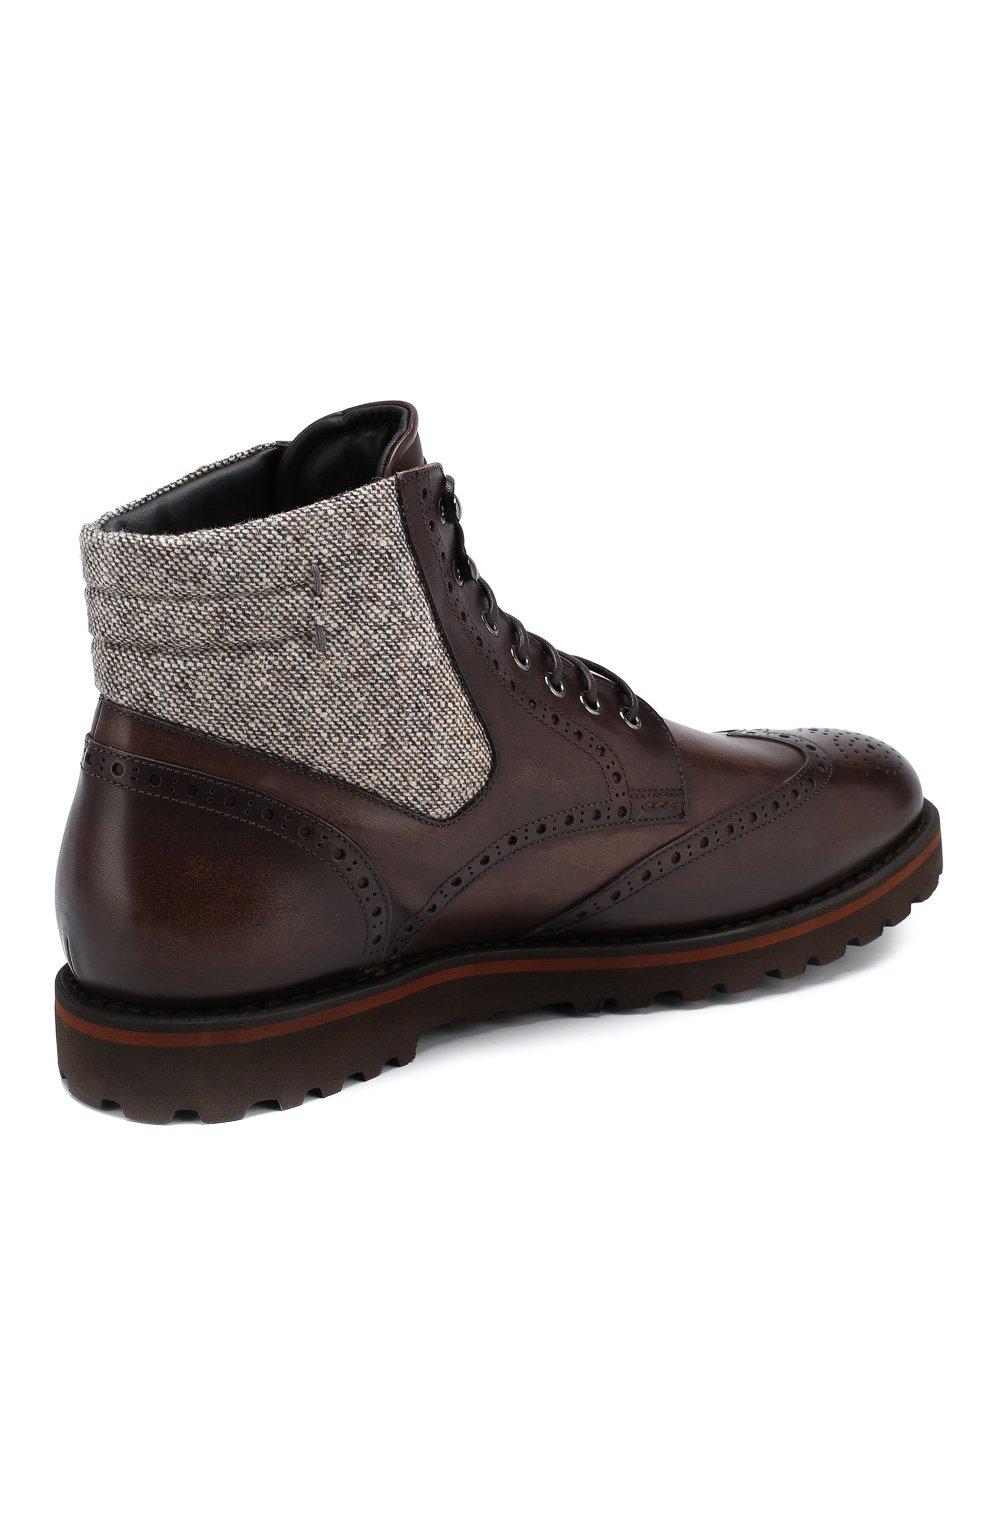 Мужские кожаные ботинки W.GIBBS коричневого цвета, арт. 0929072/1426 | Фото 4